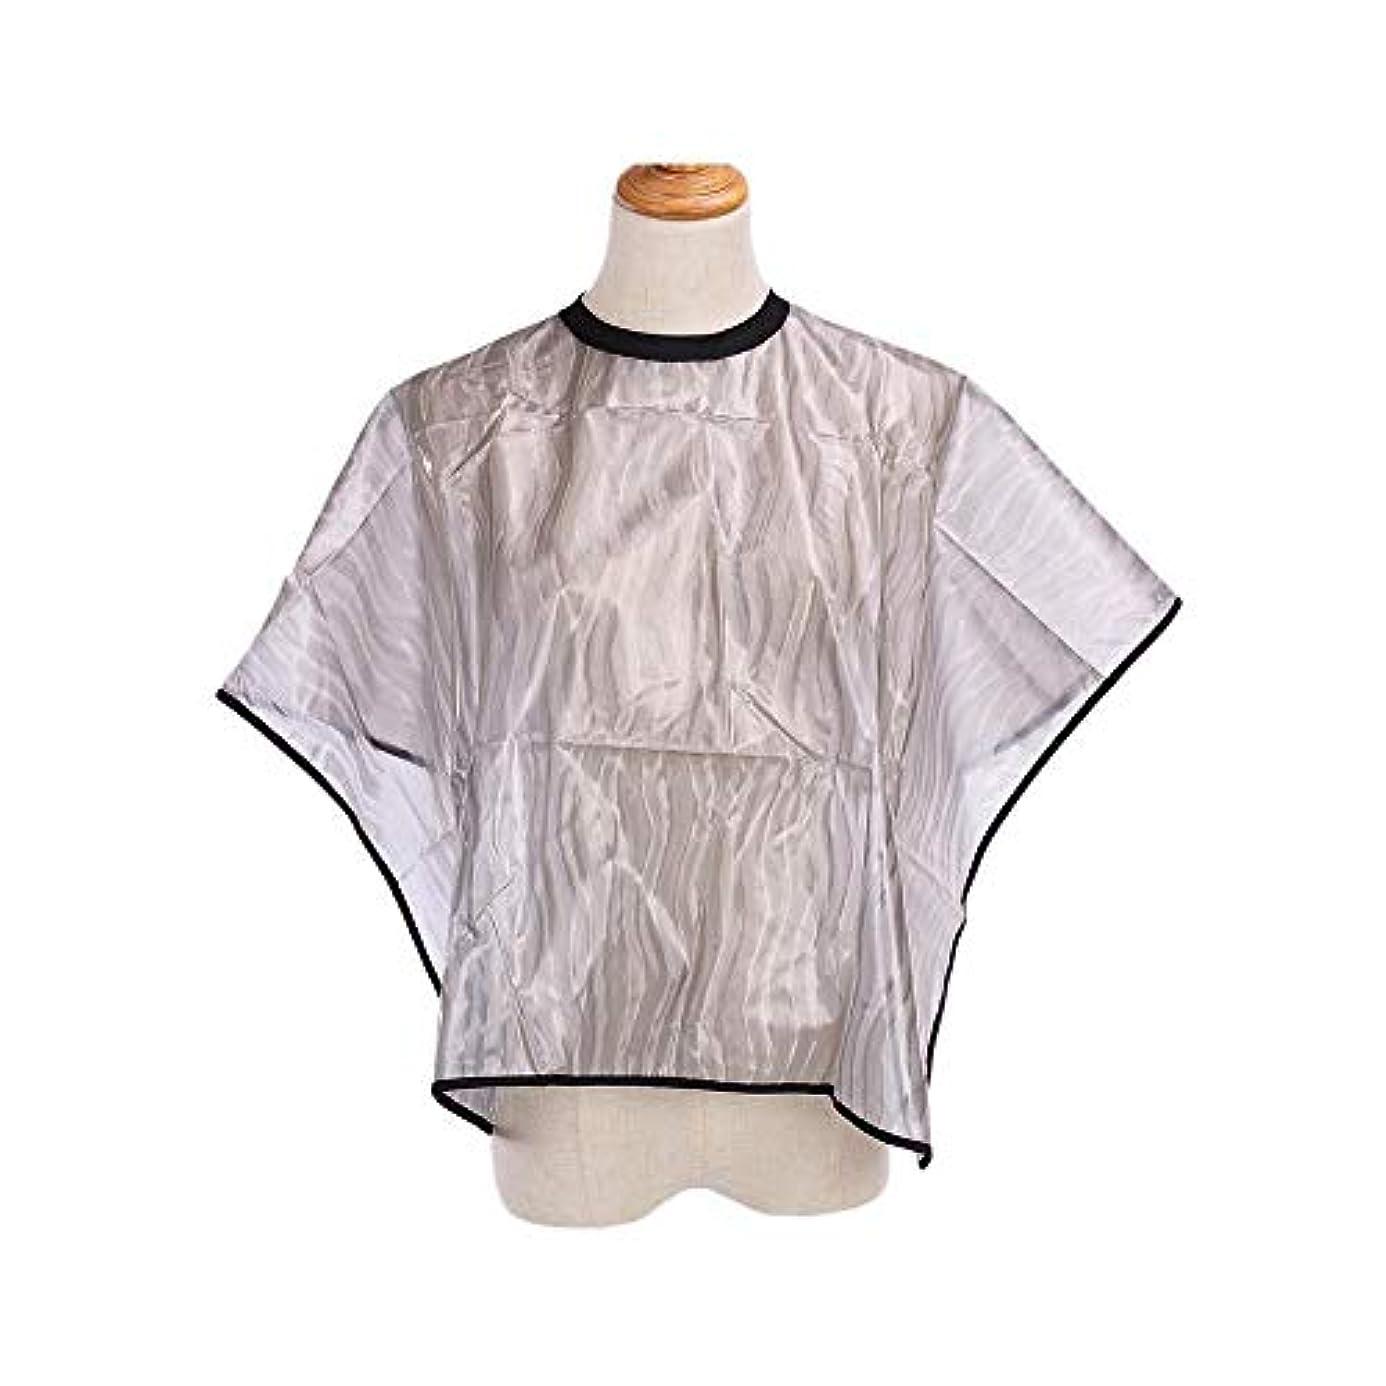 影響する服を着る障害Lucy Day 理容岬美容院の磁気切断襟防水ガウン